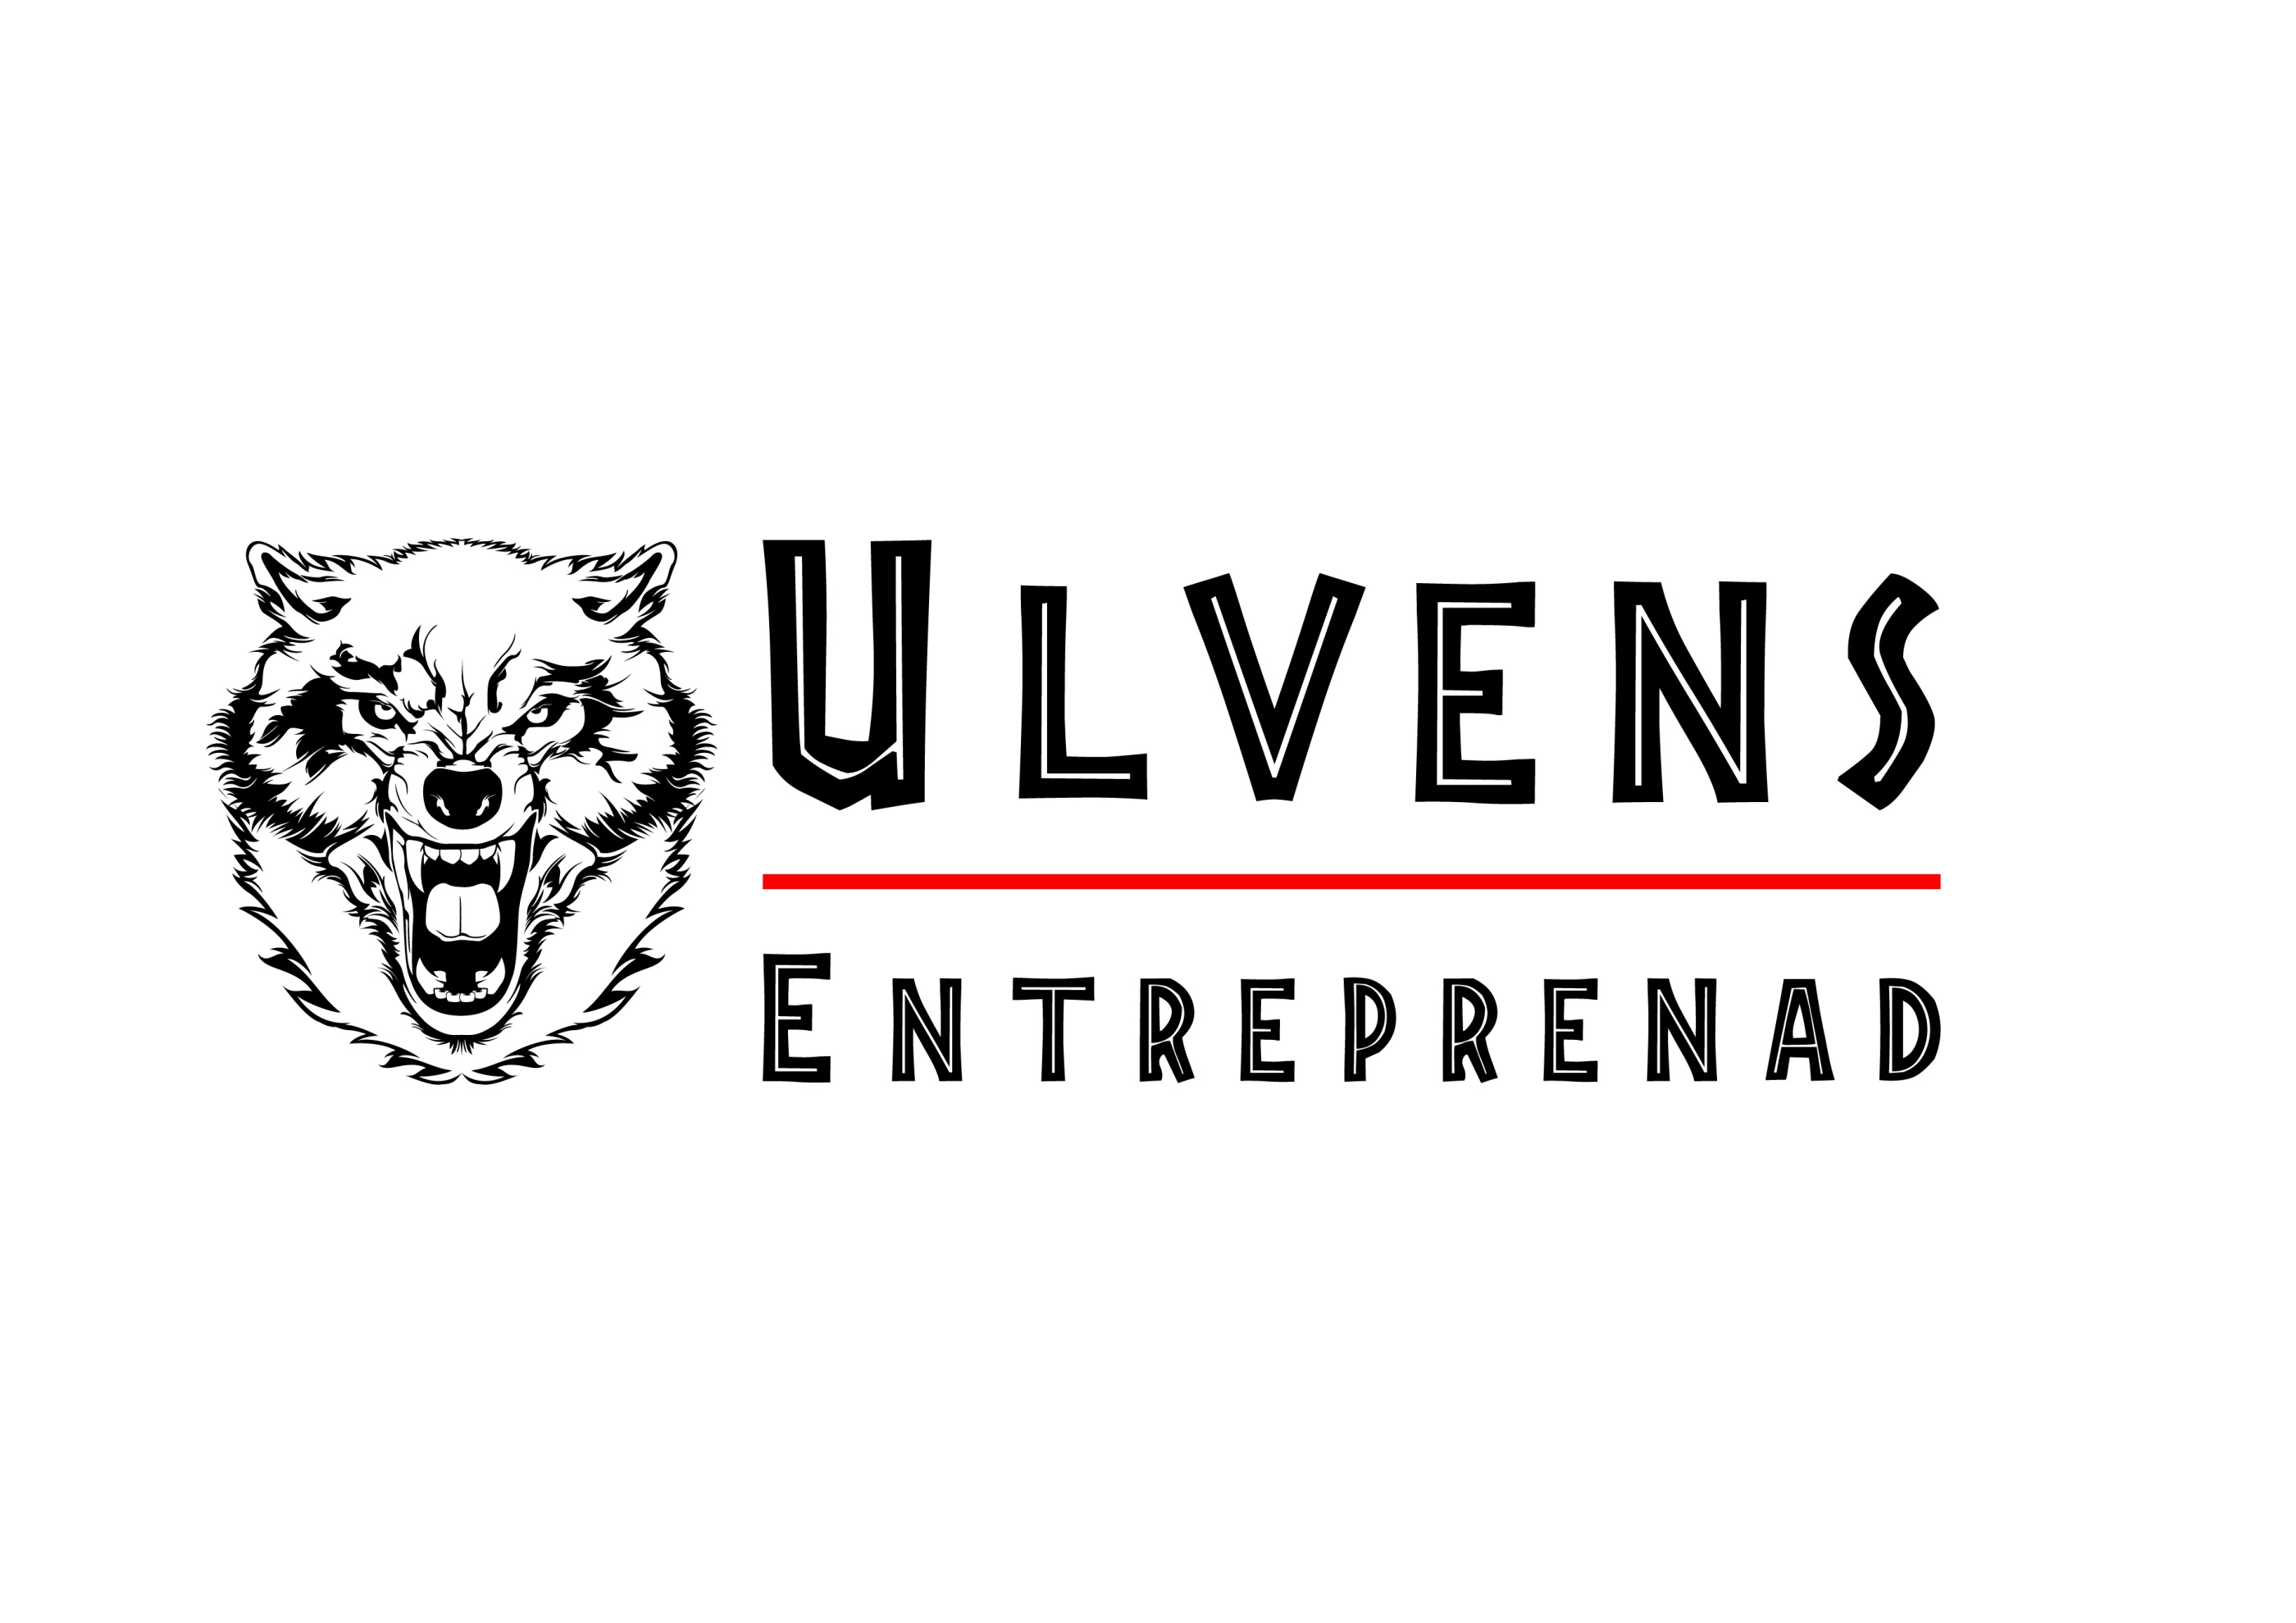 Ulvens Entreprenad 2